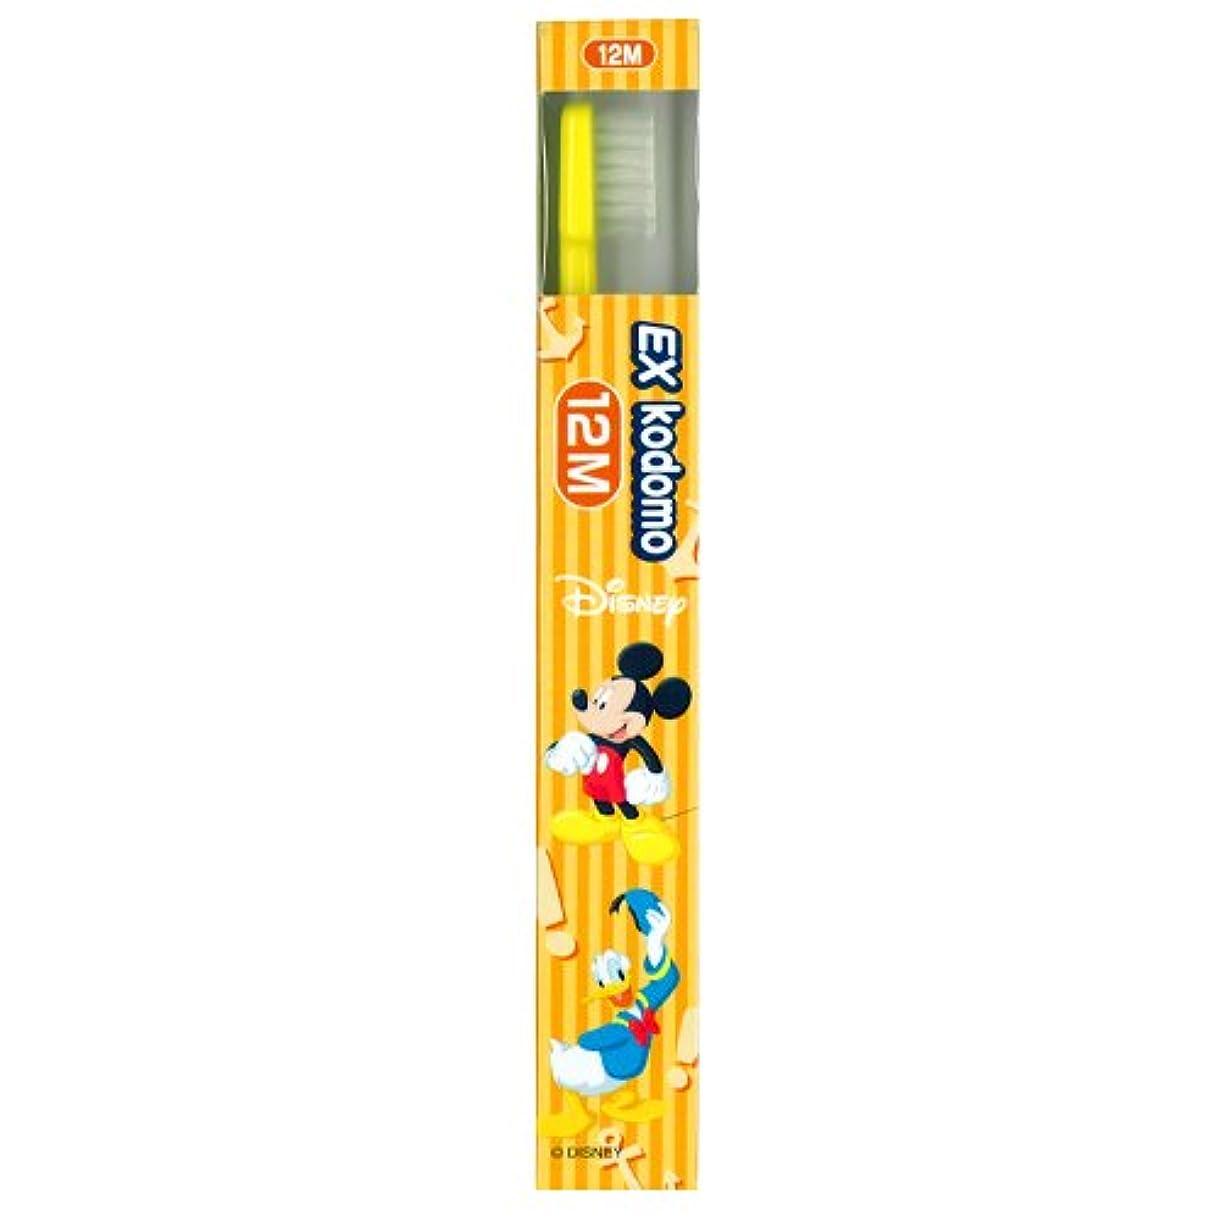 ボールジーンズデッドロックライオン EX kodomo ディズニー 歯ブラシ 1本 12M イエロー